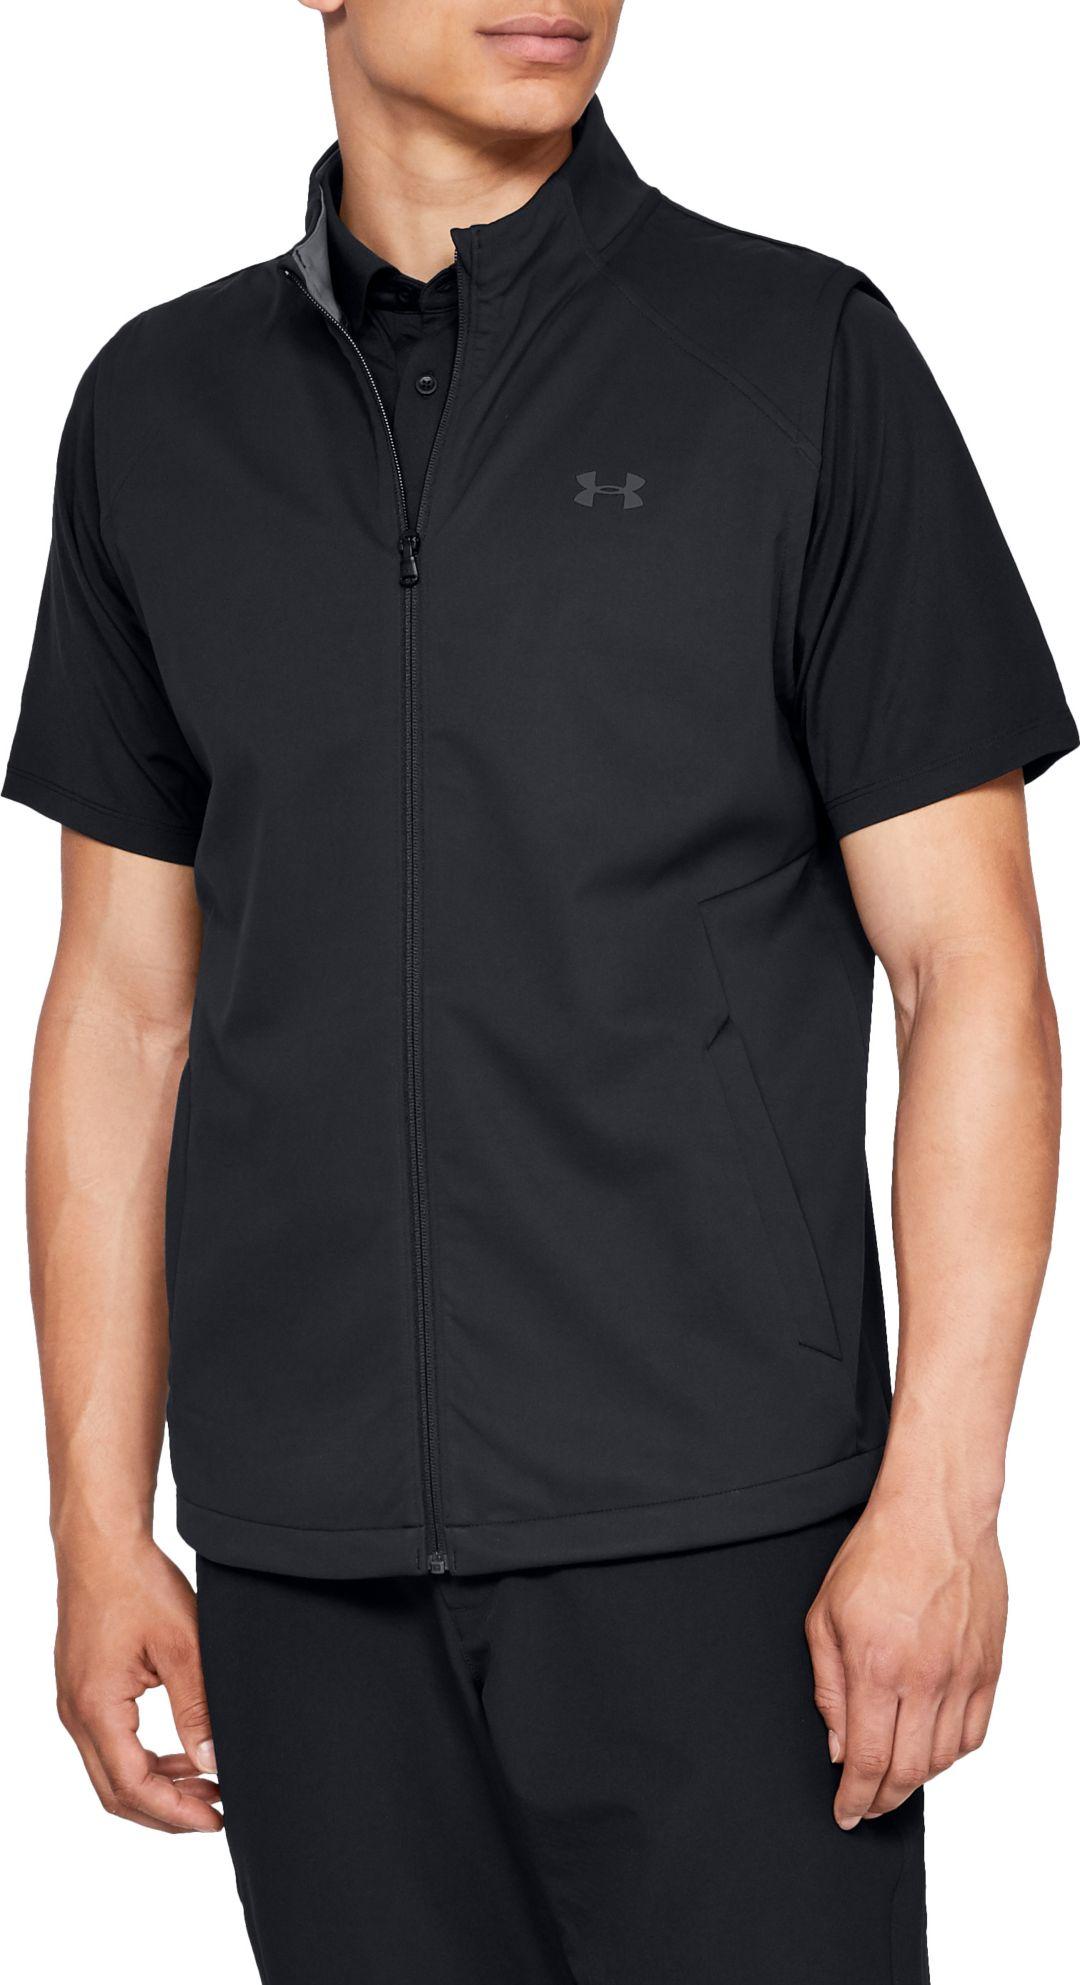 c6804837c12d4 Under Armour Men's Storm Elements Golf Vest | DICK'S Sporting Goods